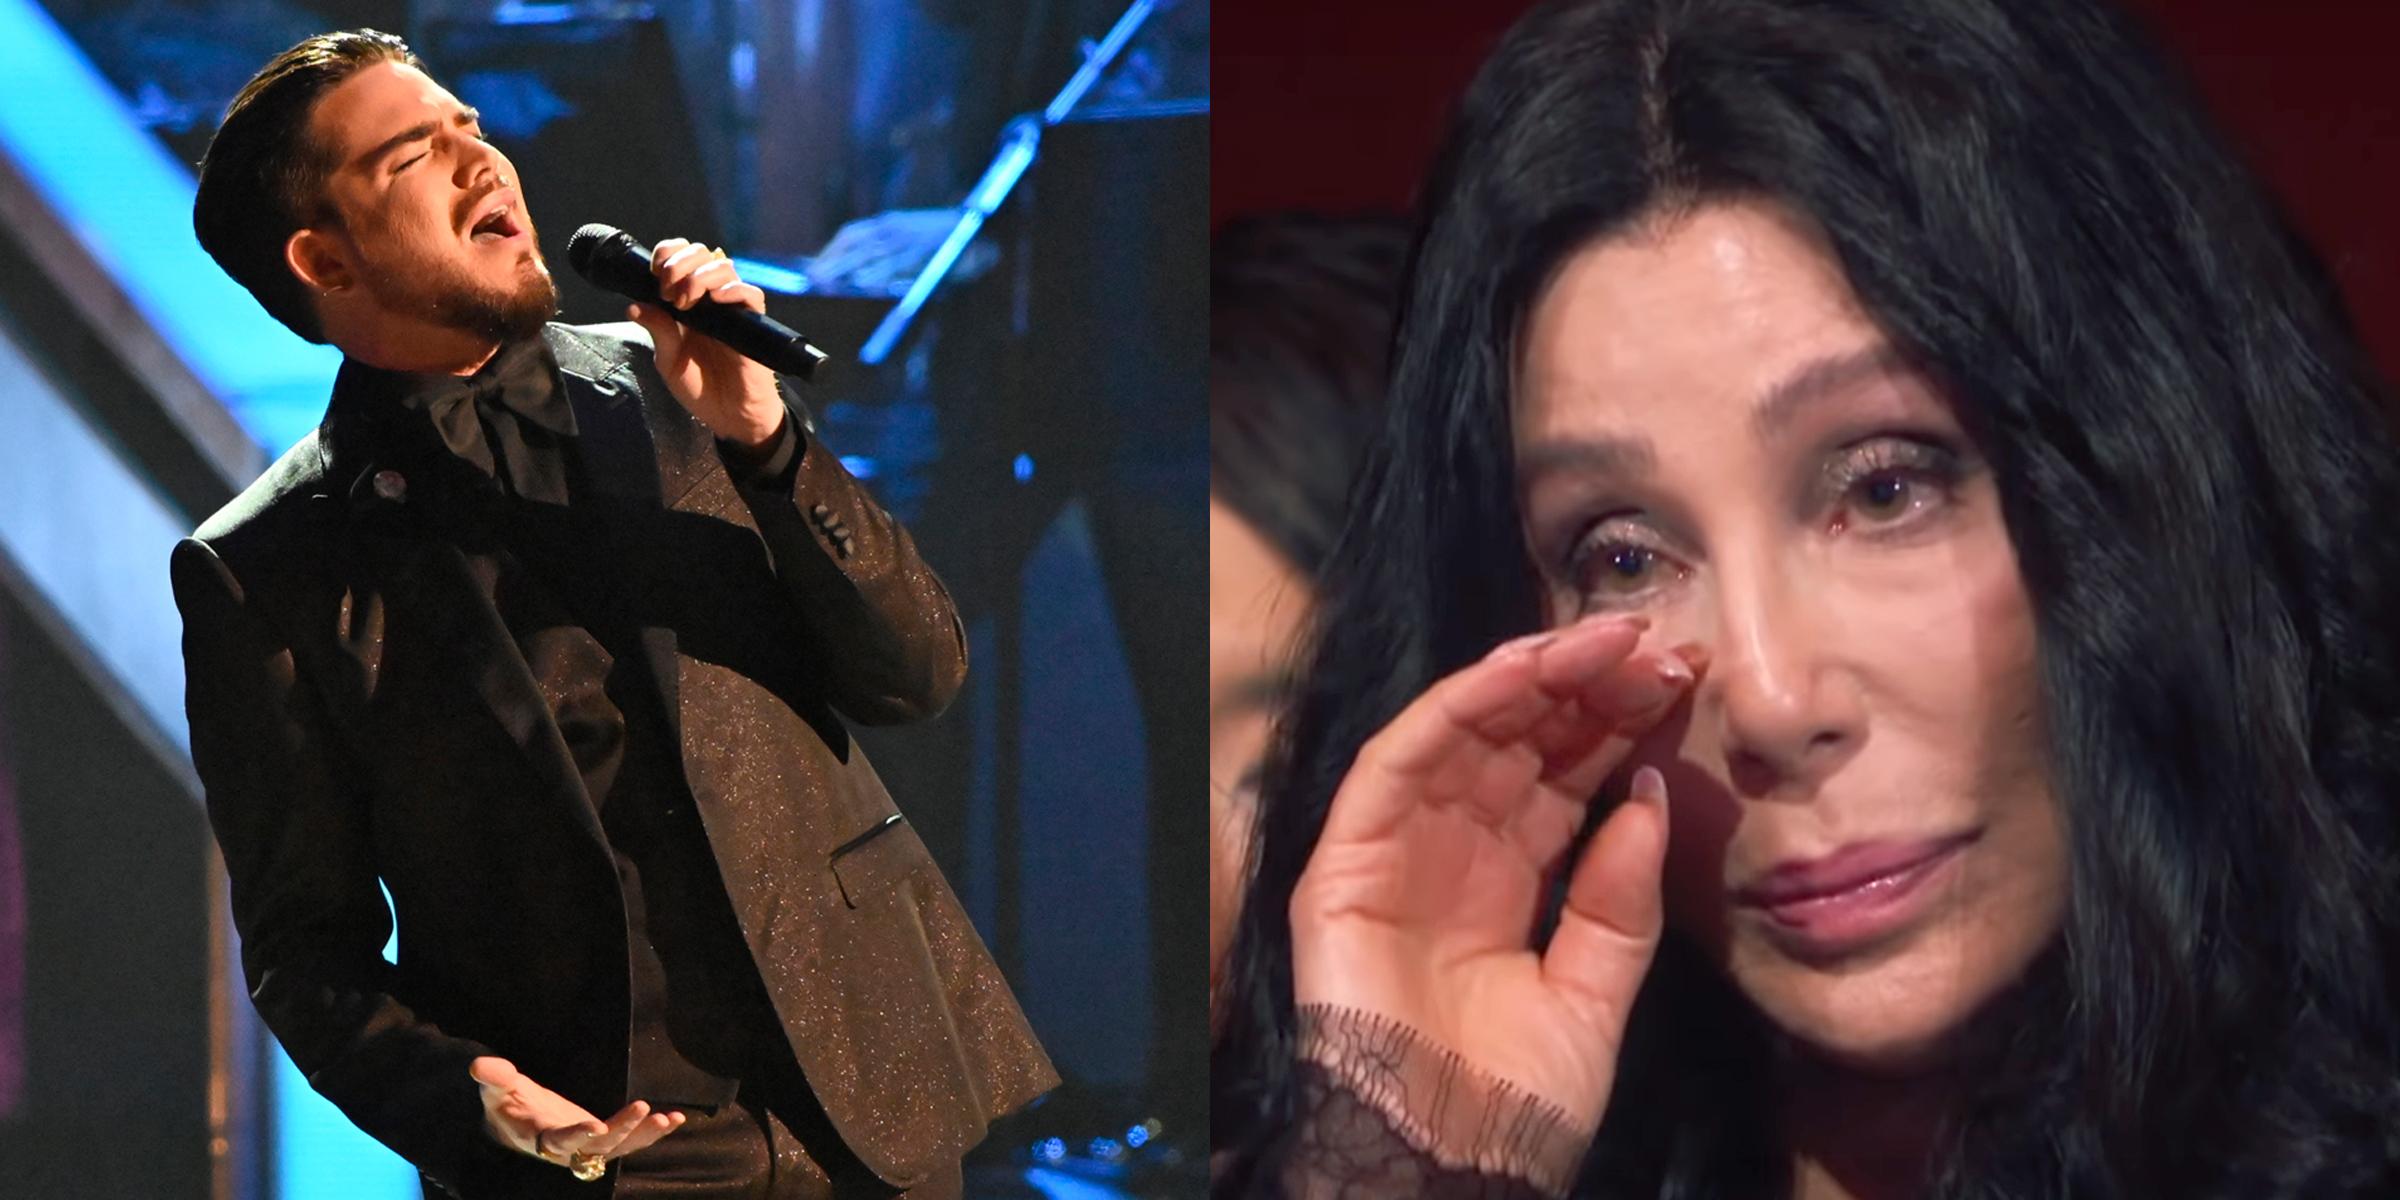 Adam Lambert's stunning rendition of 'Believe' brought Cher to tears